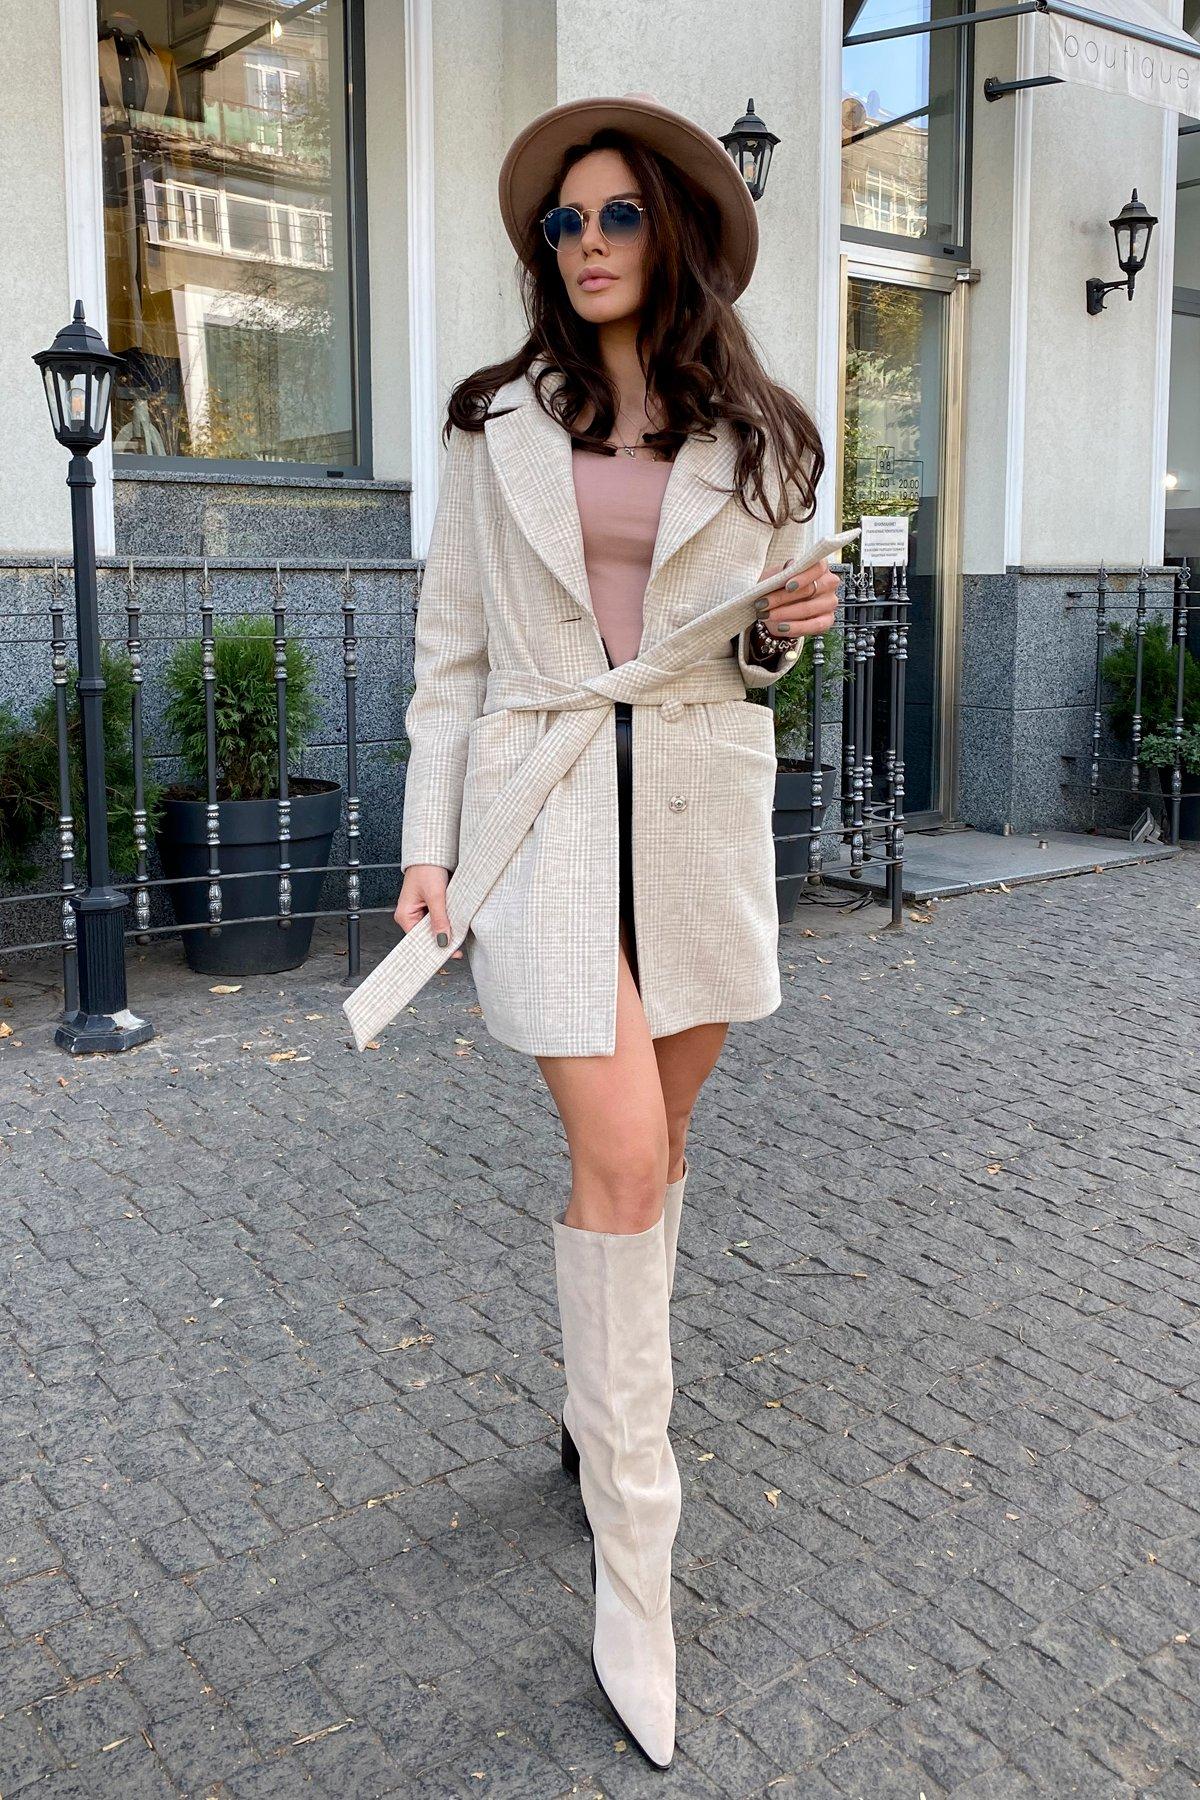 Вейсона клетка комби пальтовая ткань пальто 9874 АРТ. 46161 Цвет: Св.бежевый/молоко - фото 12, интернет магазин tm-modus.ru